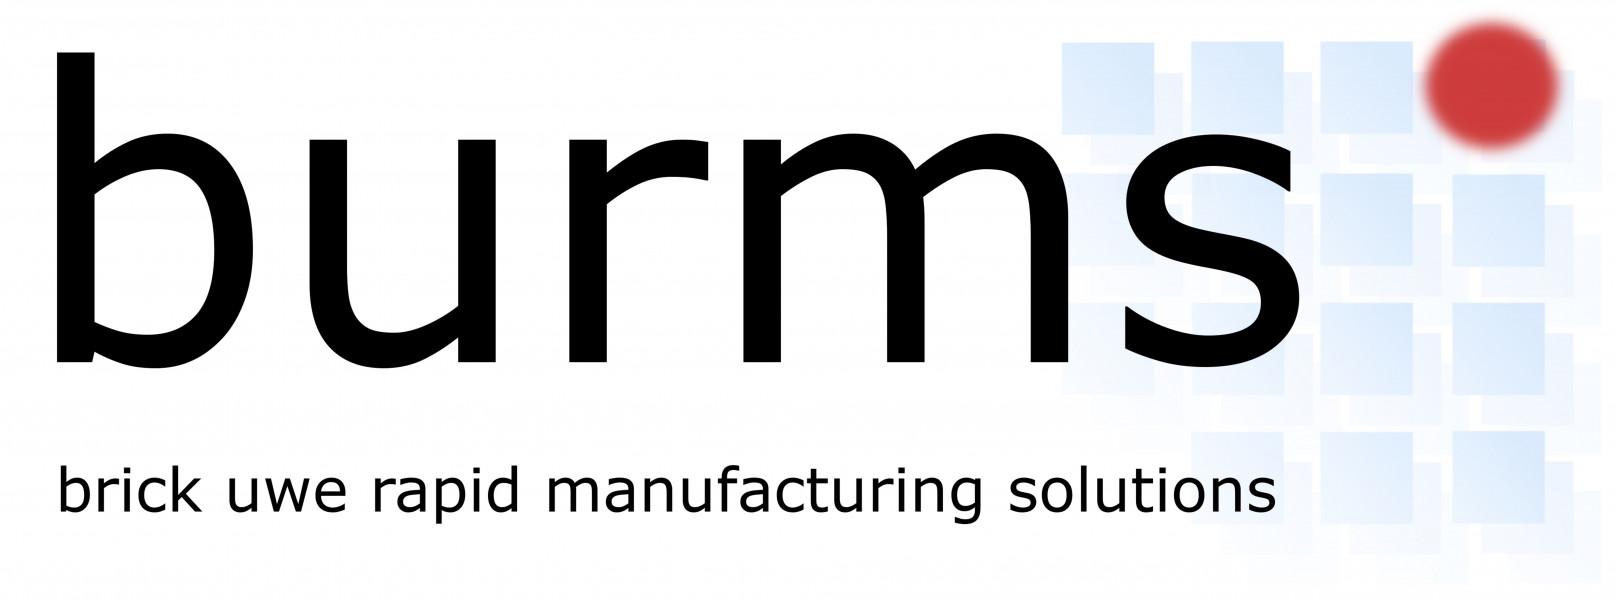 Logo BURMS - 3D Druck Jena GmbH & Co. KG